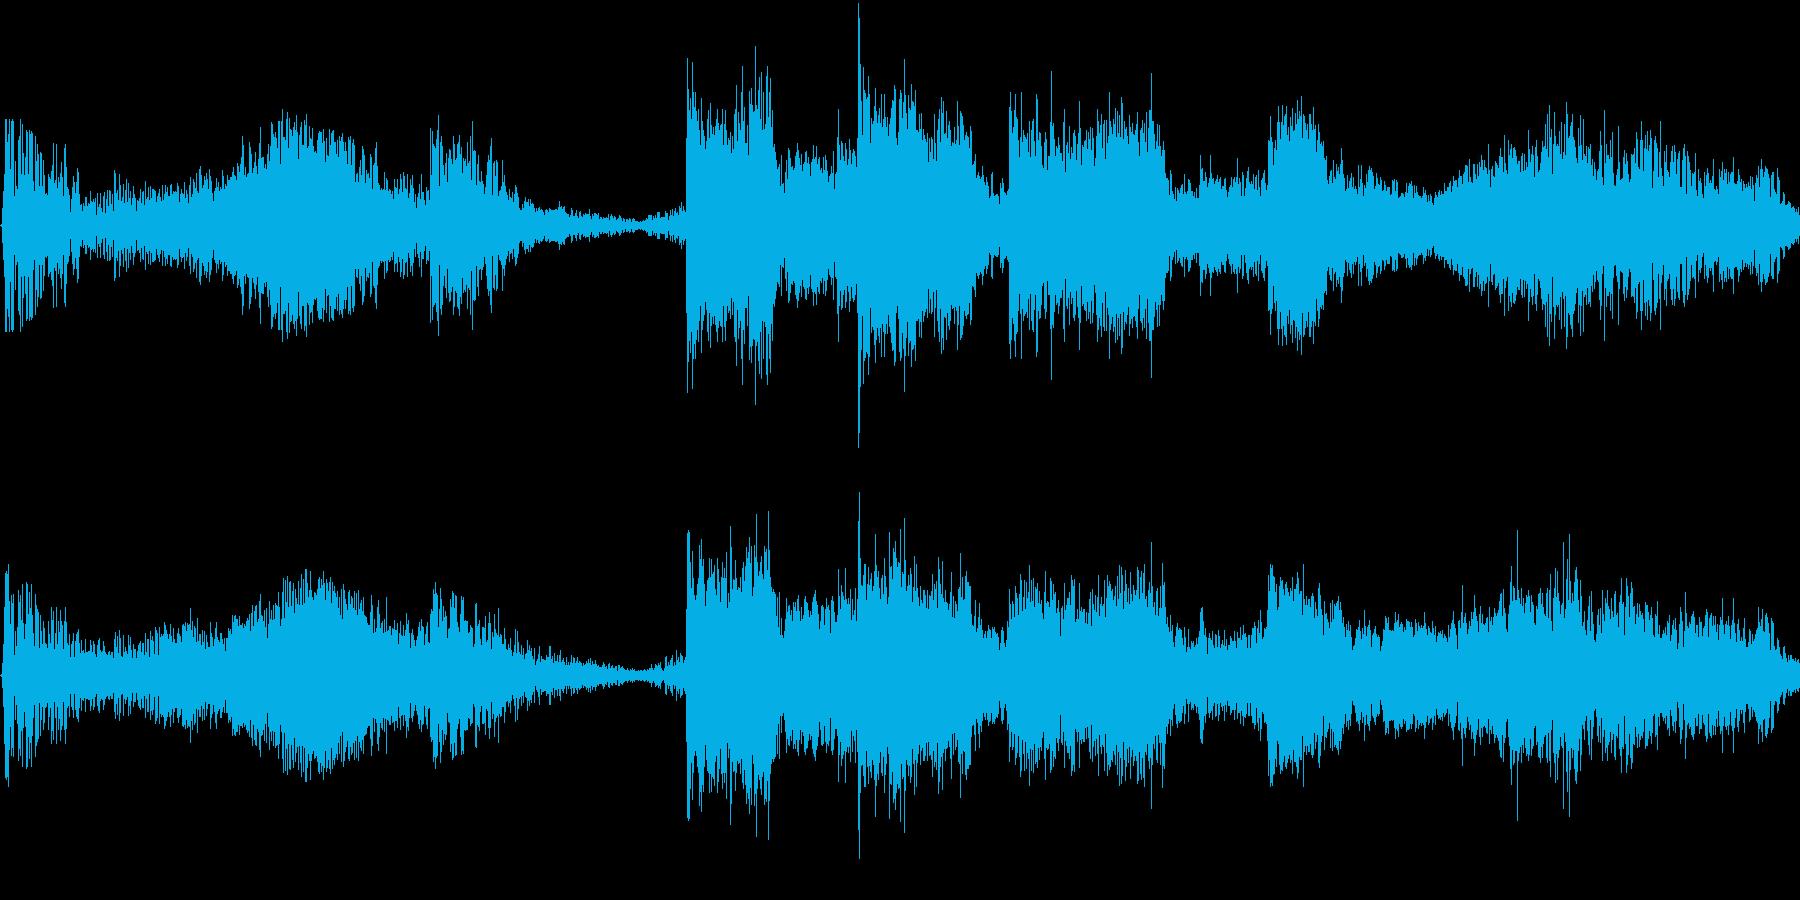 緊迫感に満ちたヘヴィなドラマチック交響曲の再生済みの波形